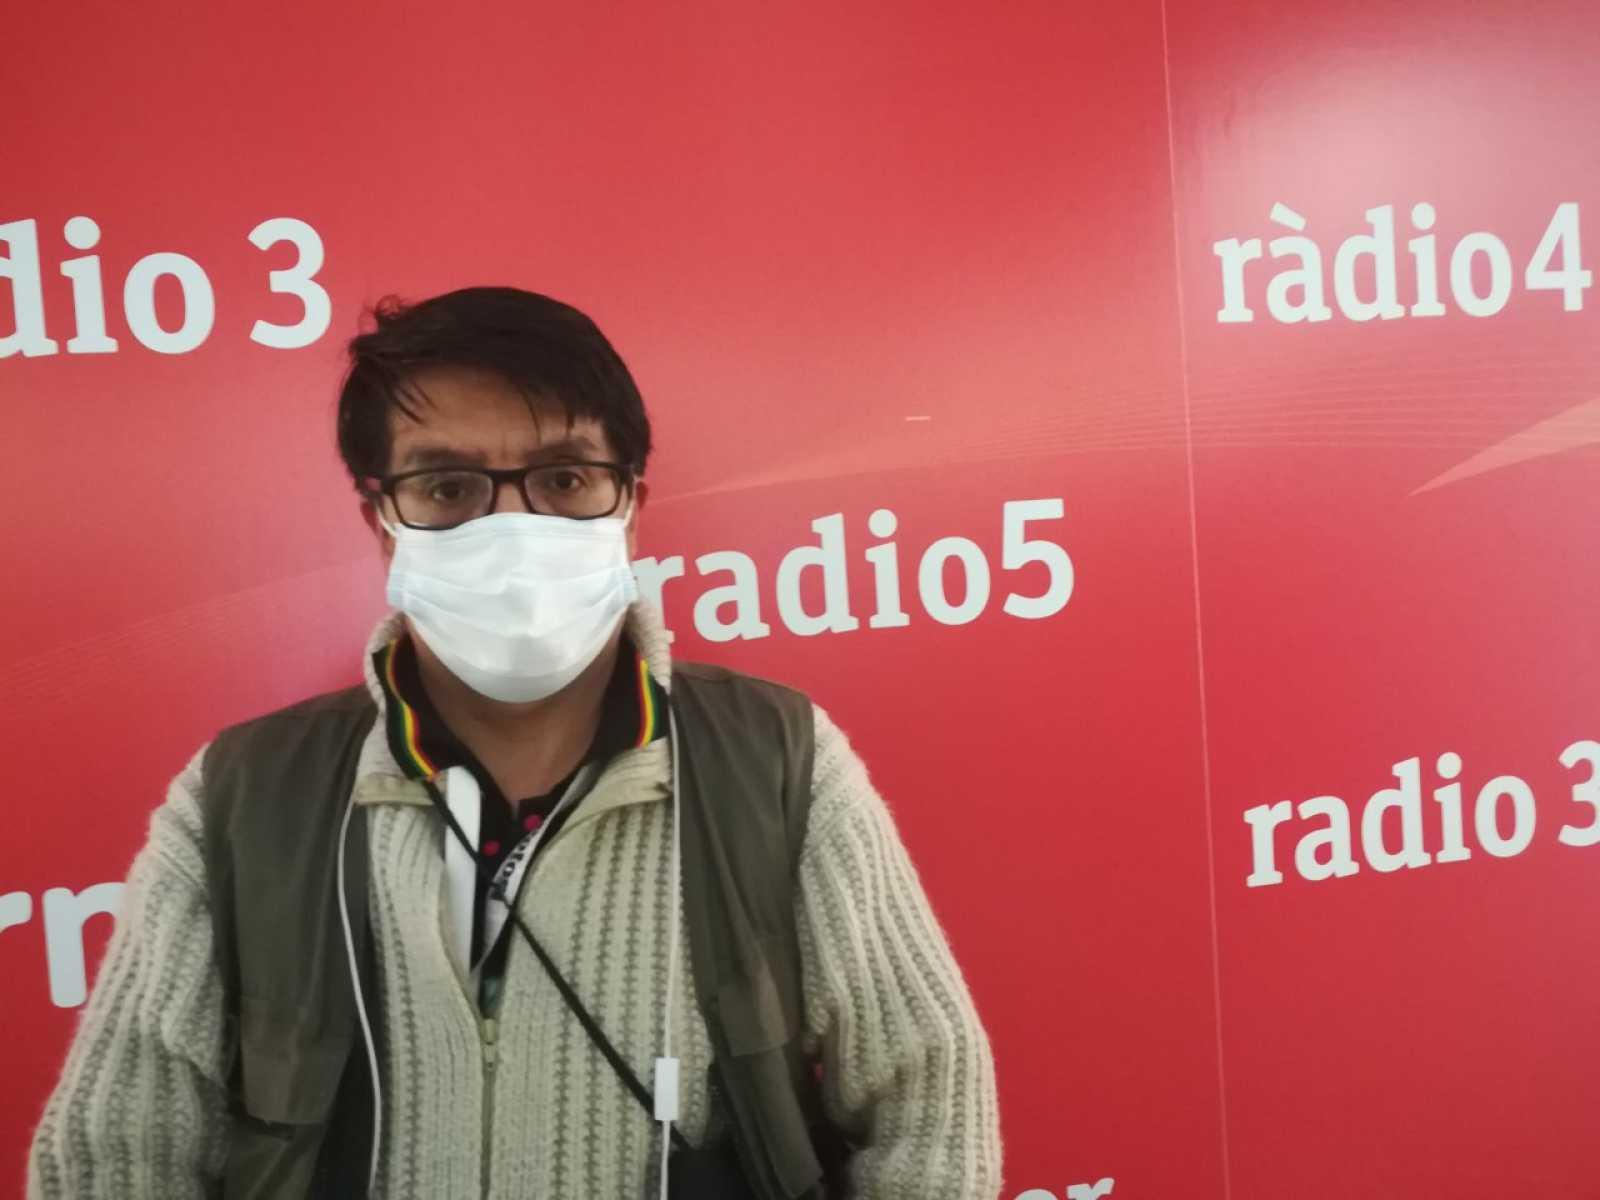 Reserva natural - Periodistas, víctimas de violencia por informar sobre impactos al medio ambiente - 18/02/21 - Escuchar ahora